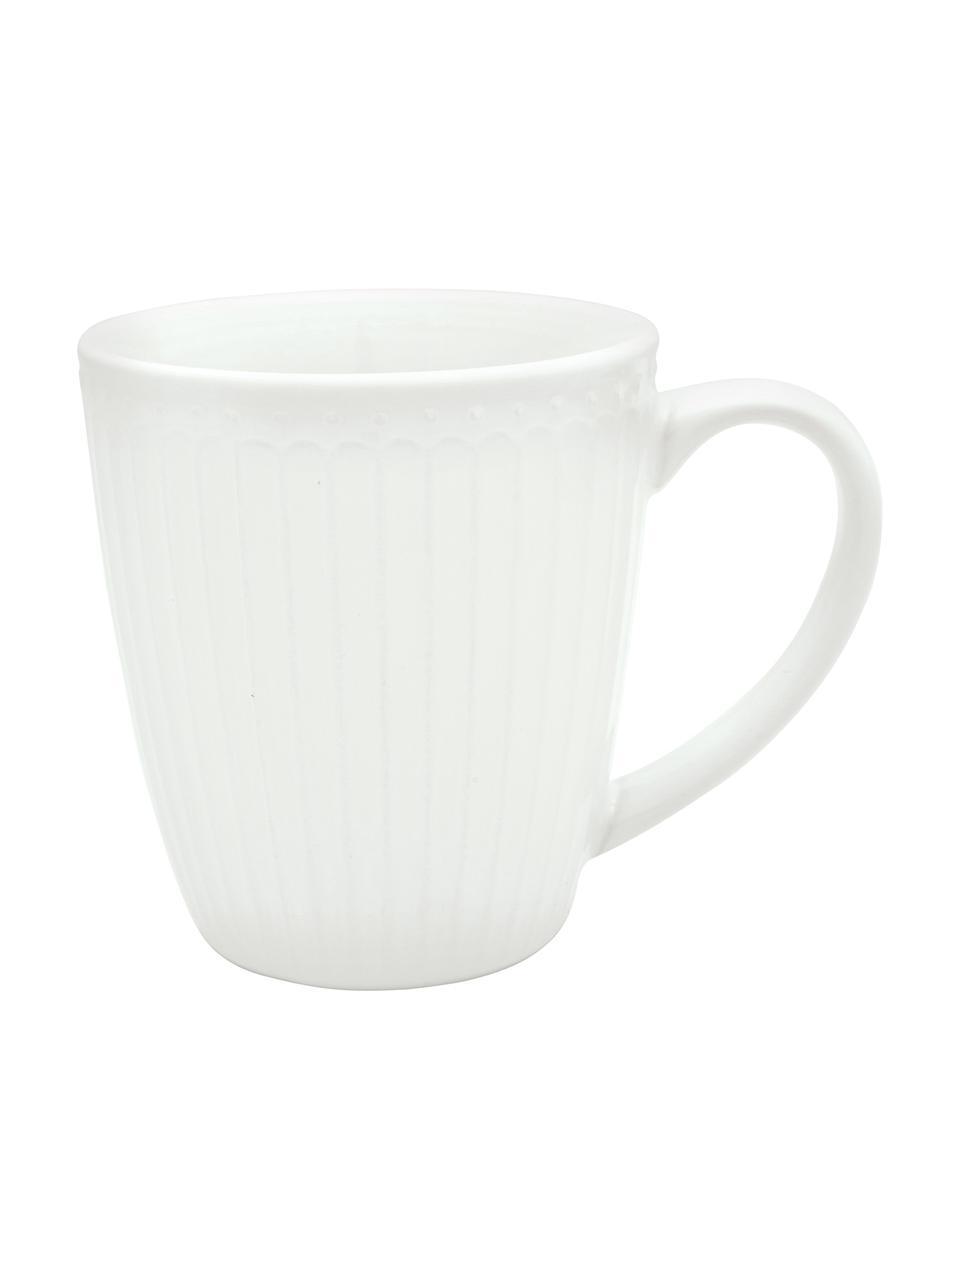 Tasses en porcelaine Alice, 2pièces, Blanc